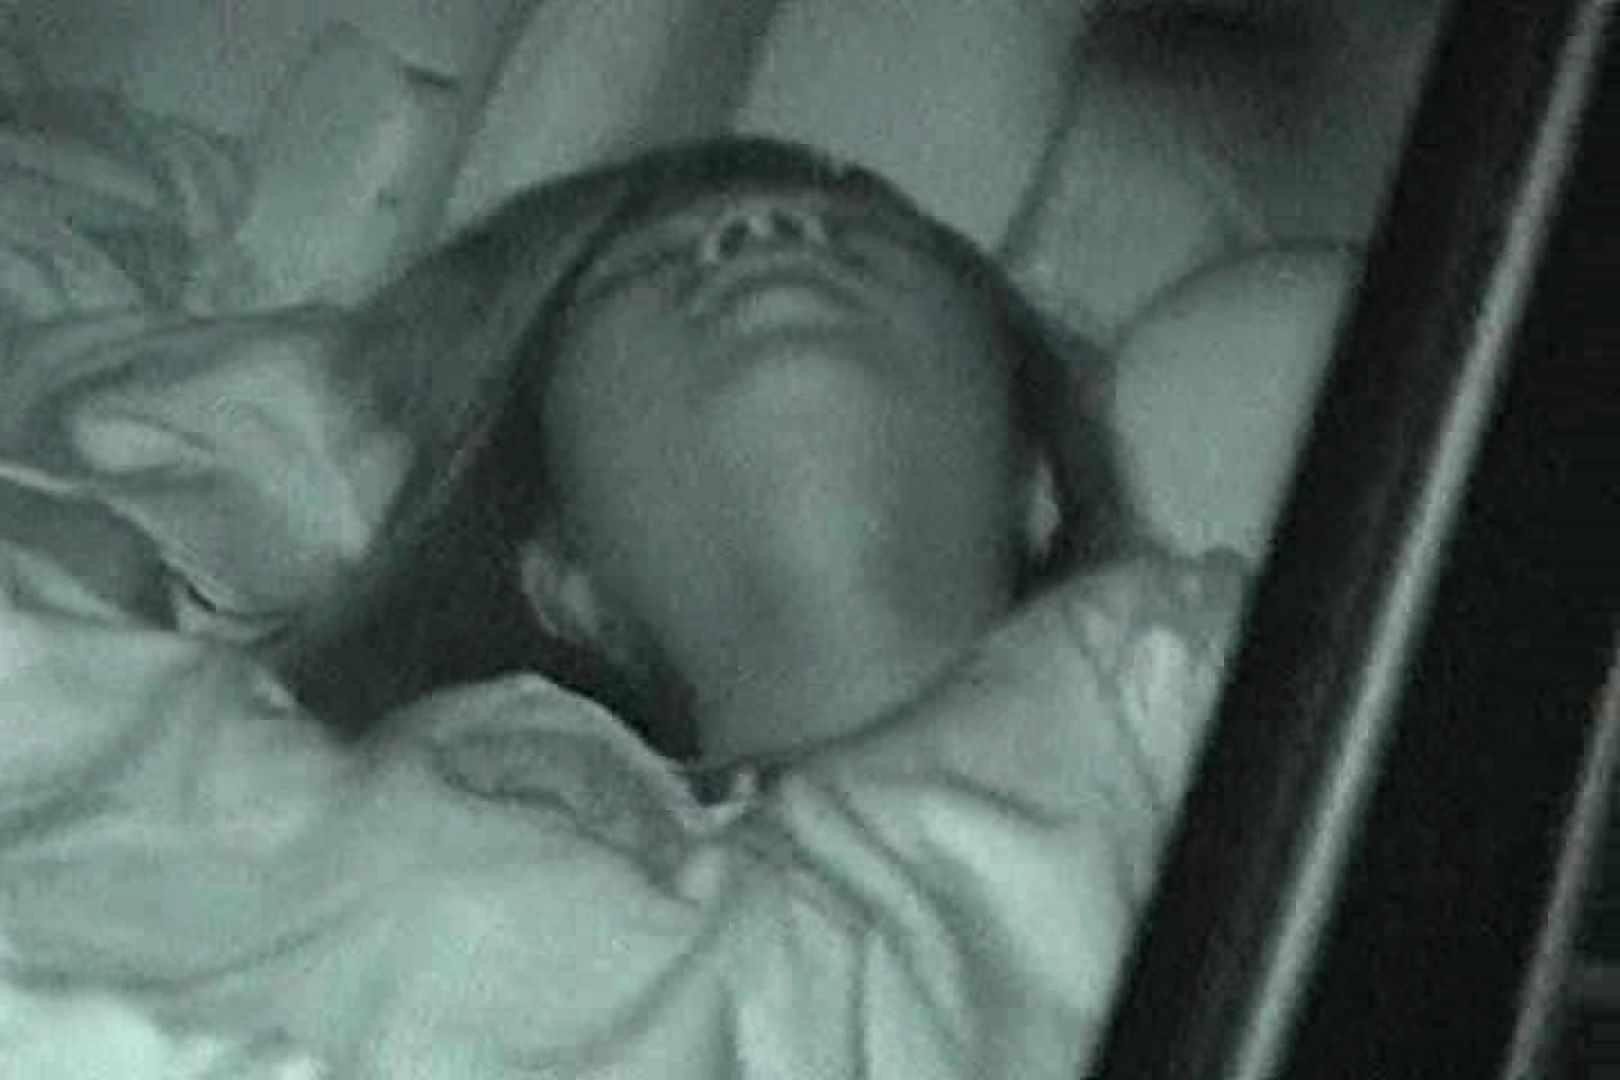 充血監督の深夜の運動会Vol.103 OLの実態 覗き性交動画流出 92pic 62